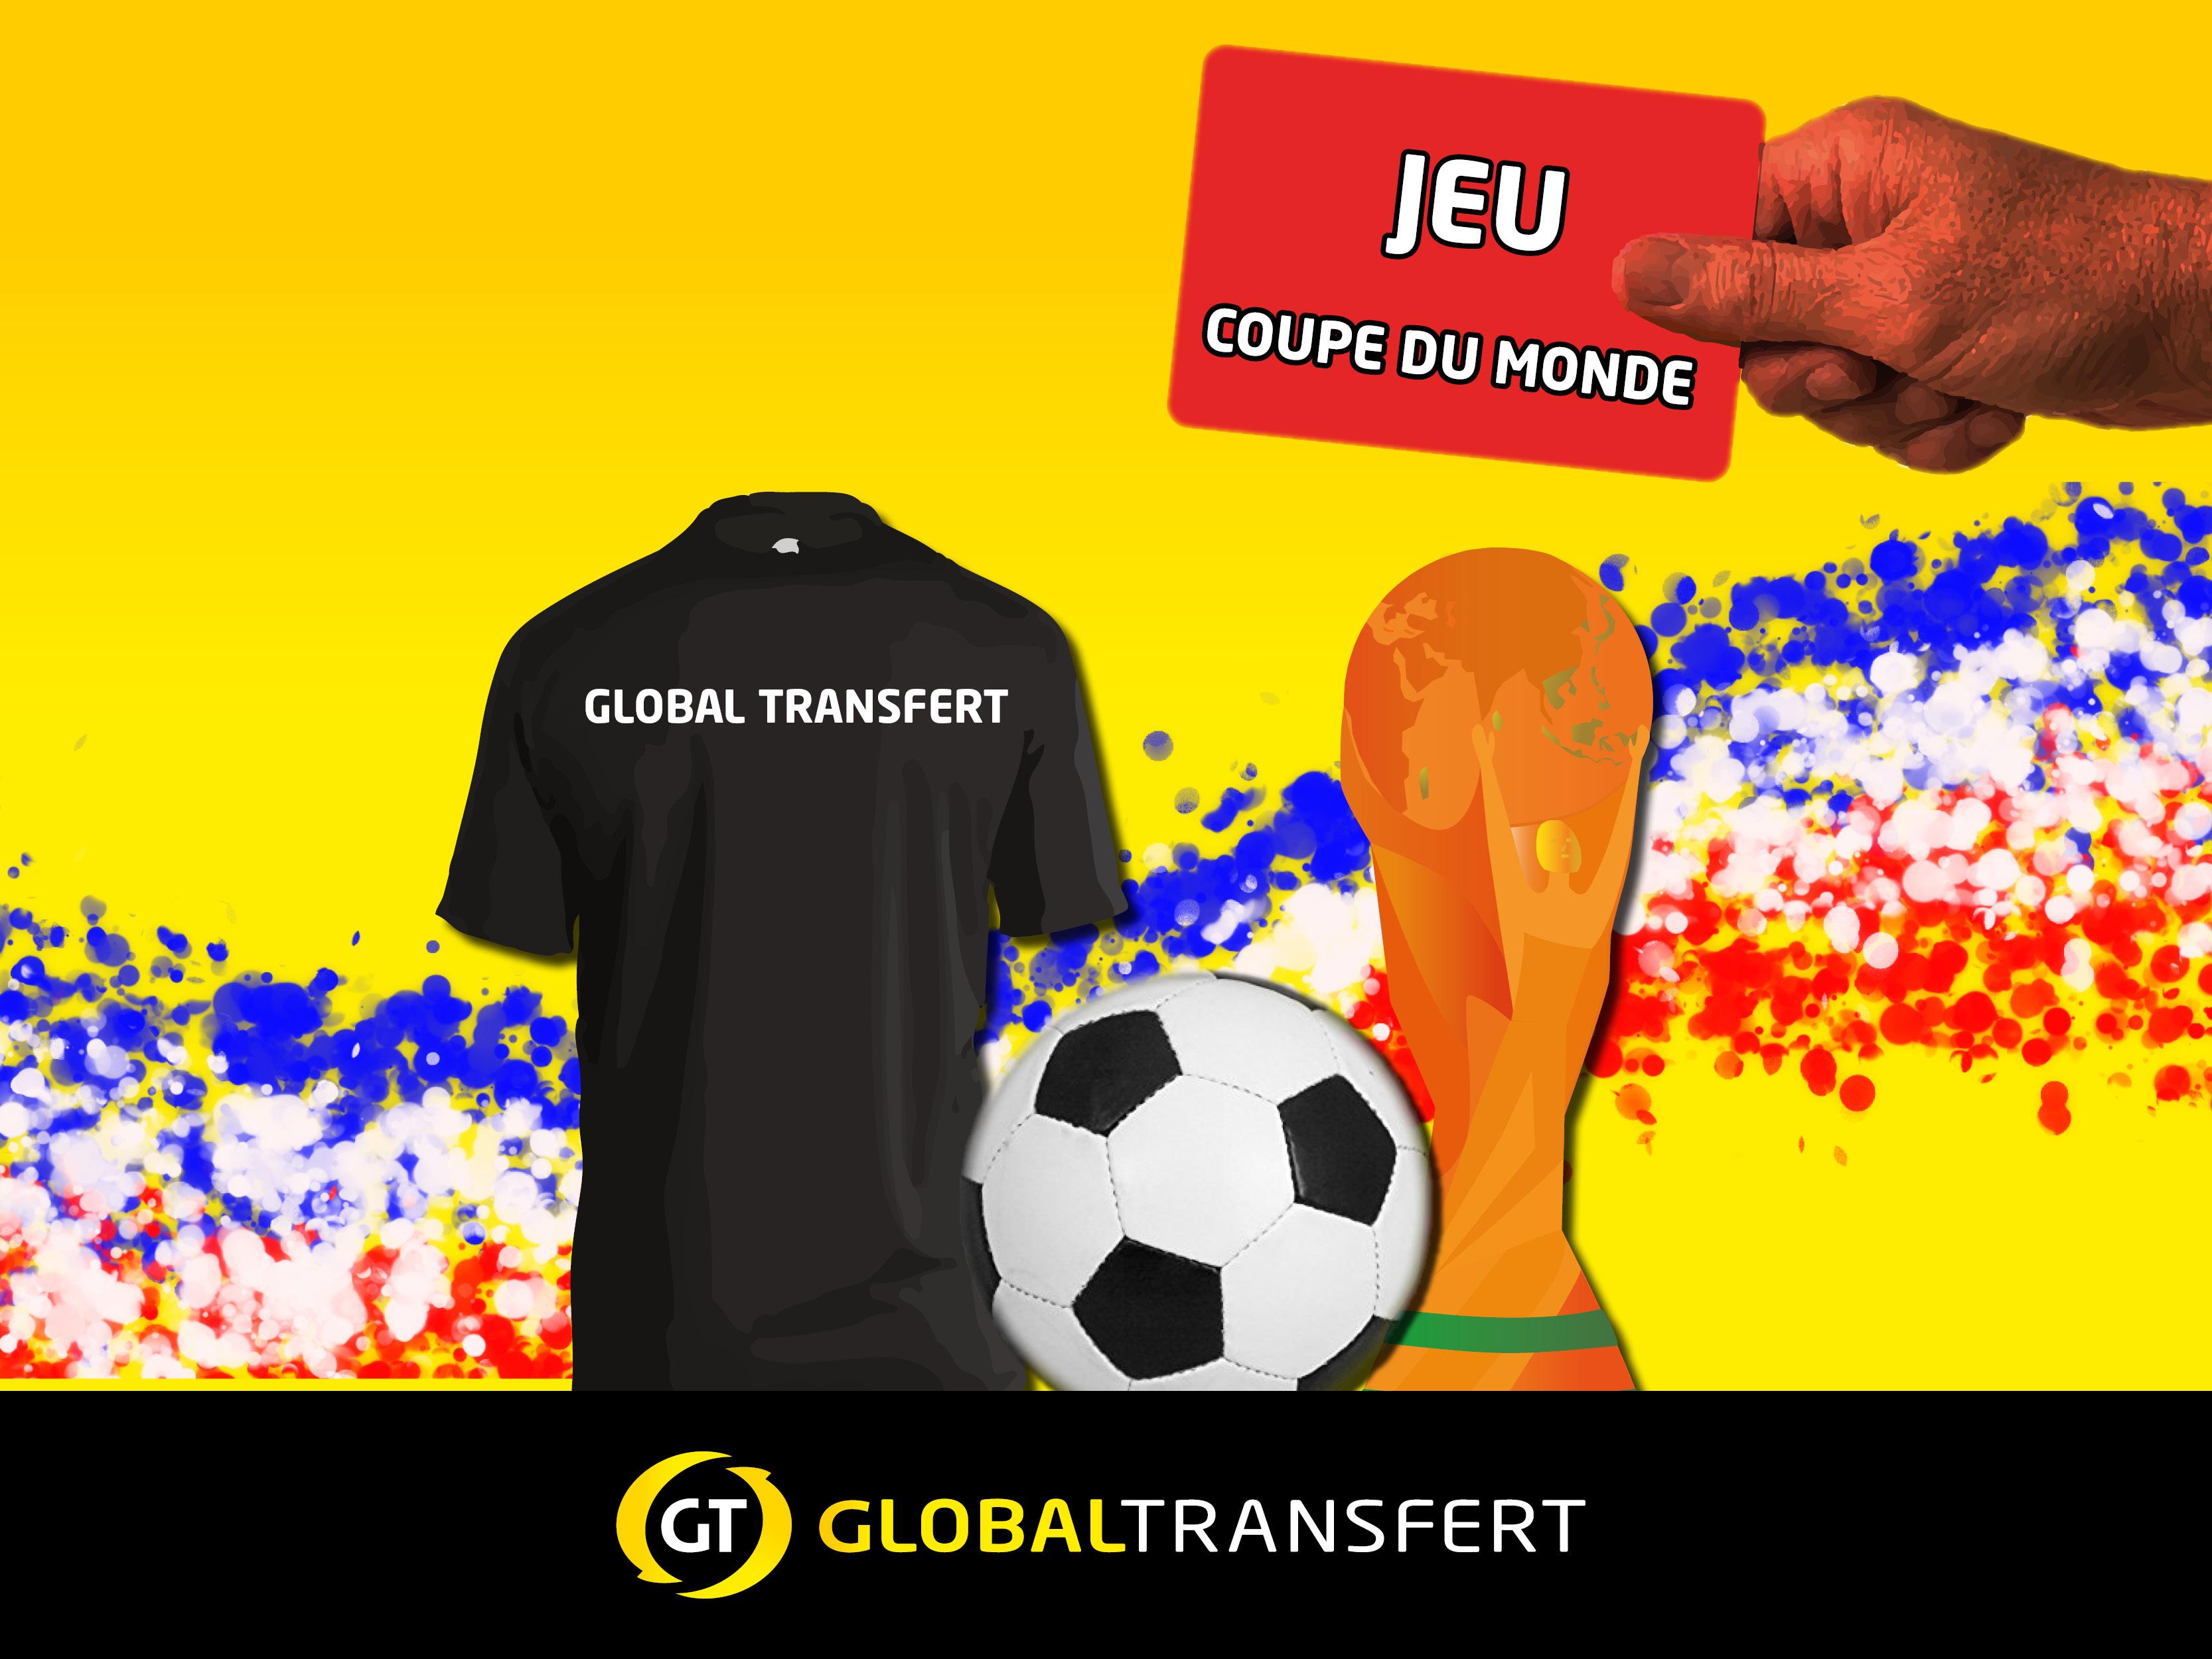 JEU COUPE DU MONDE 2018 – TRANSFERT D'ARGENT